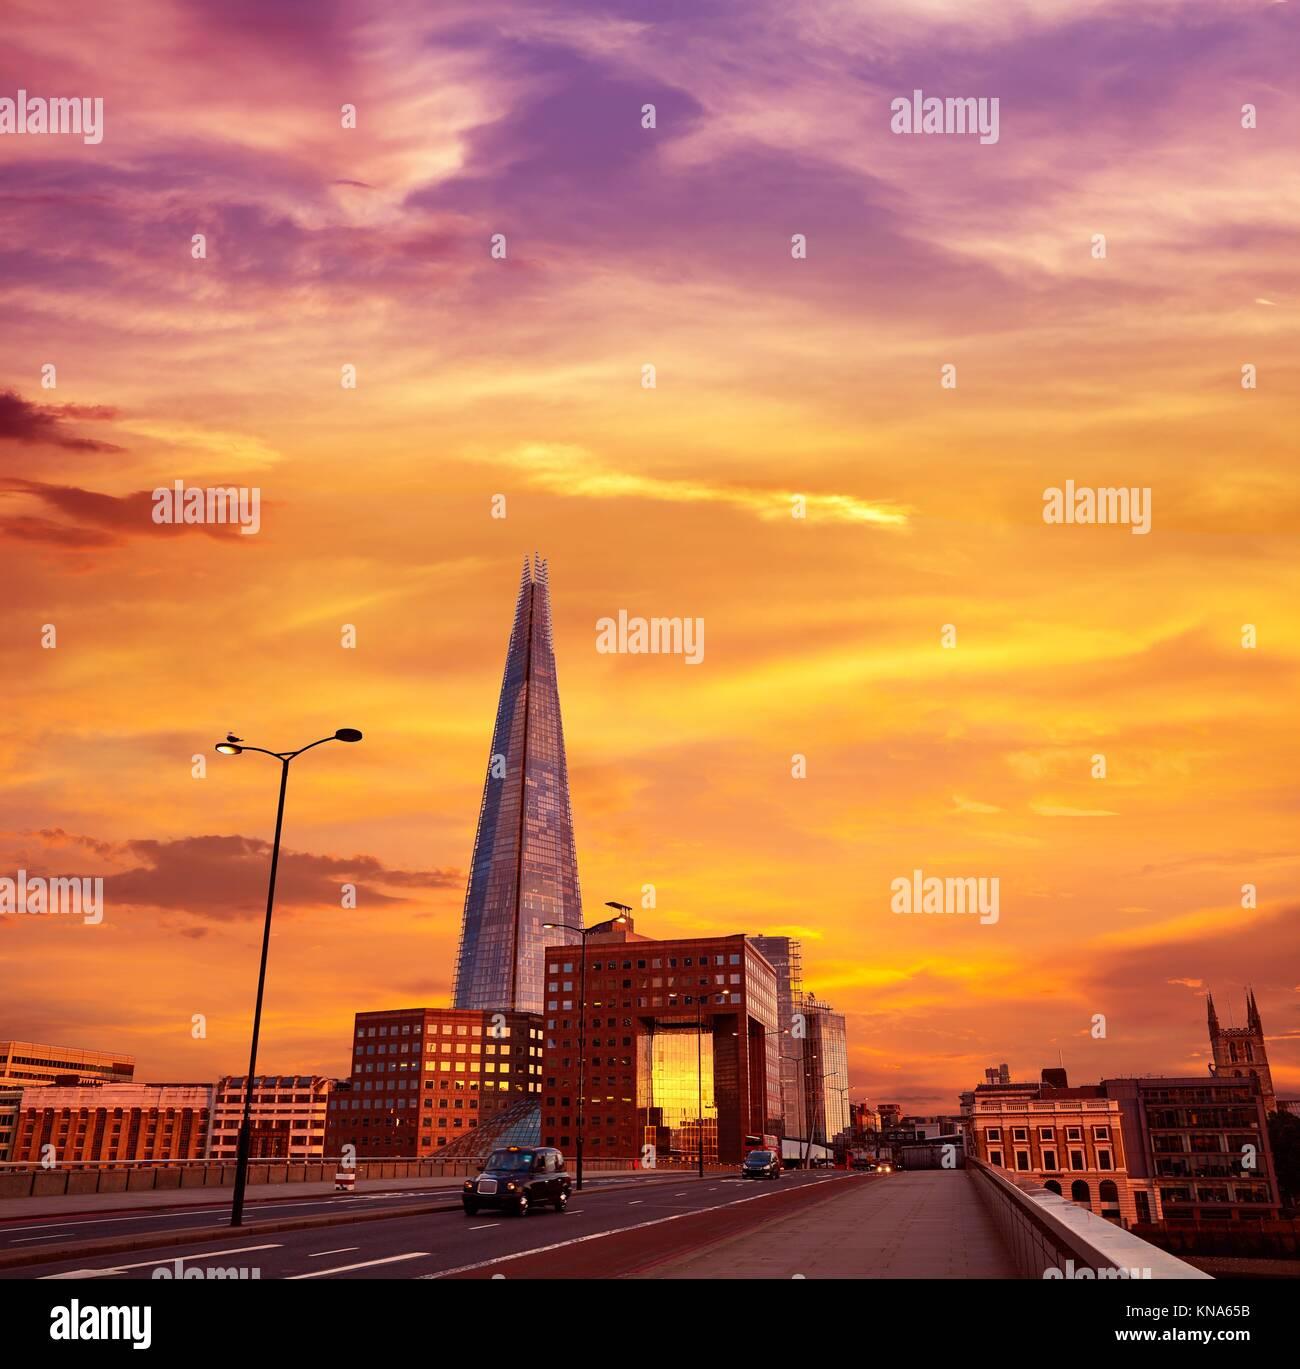 London The Shard Gebäude bei Sonnenuntergang in England. Stockbild